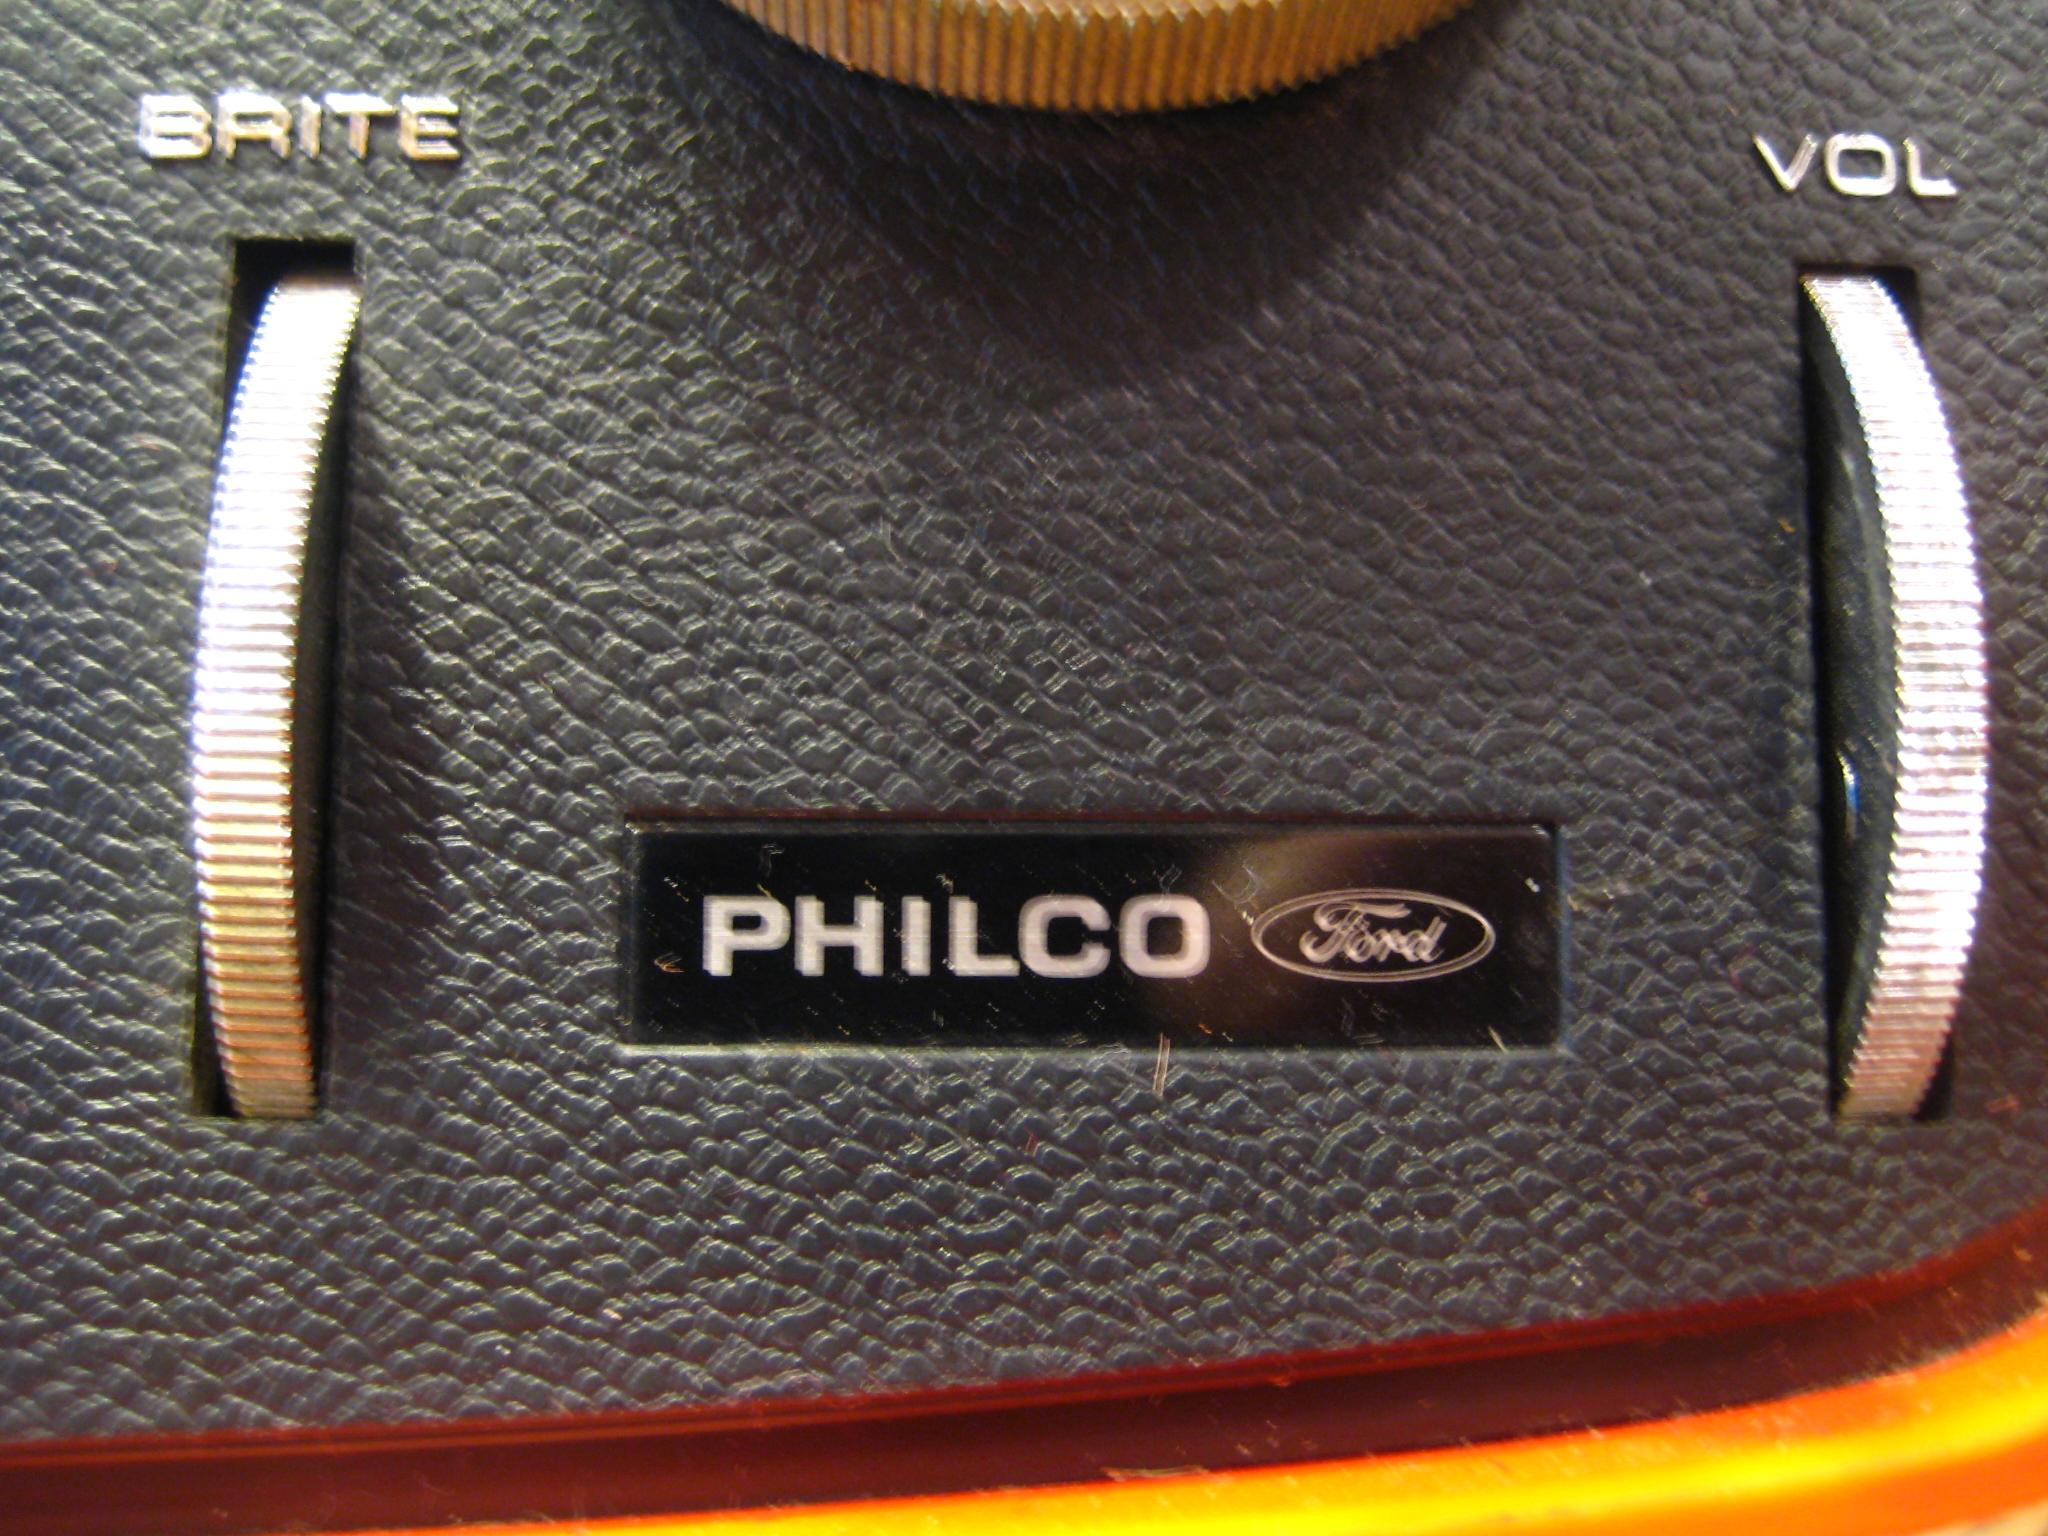 File Philco Ford Orange Retro TV 1970s logo bright